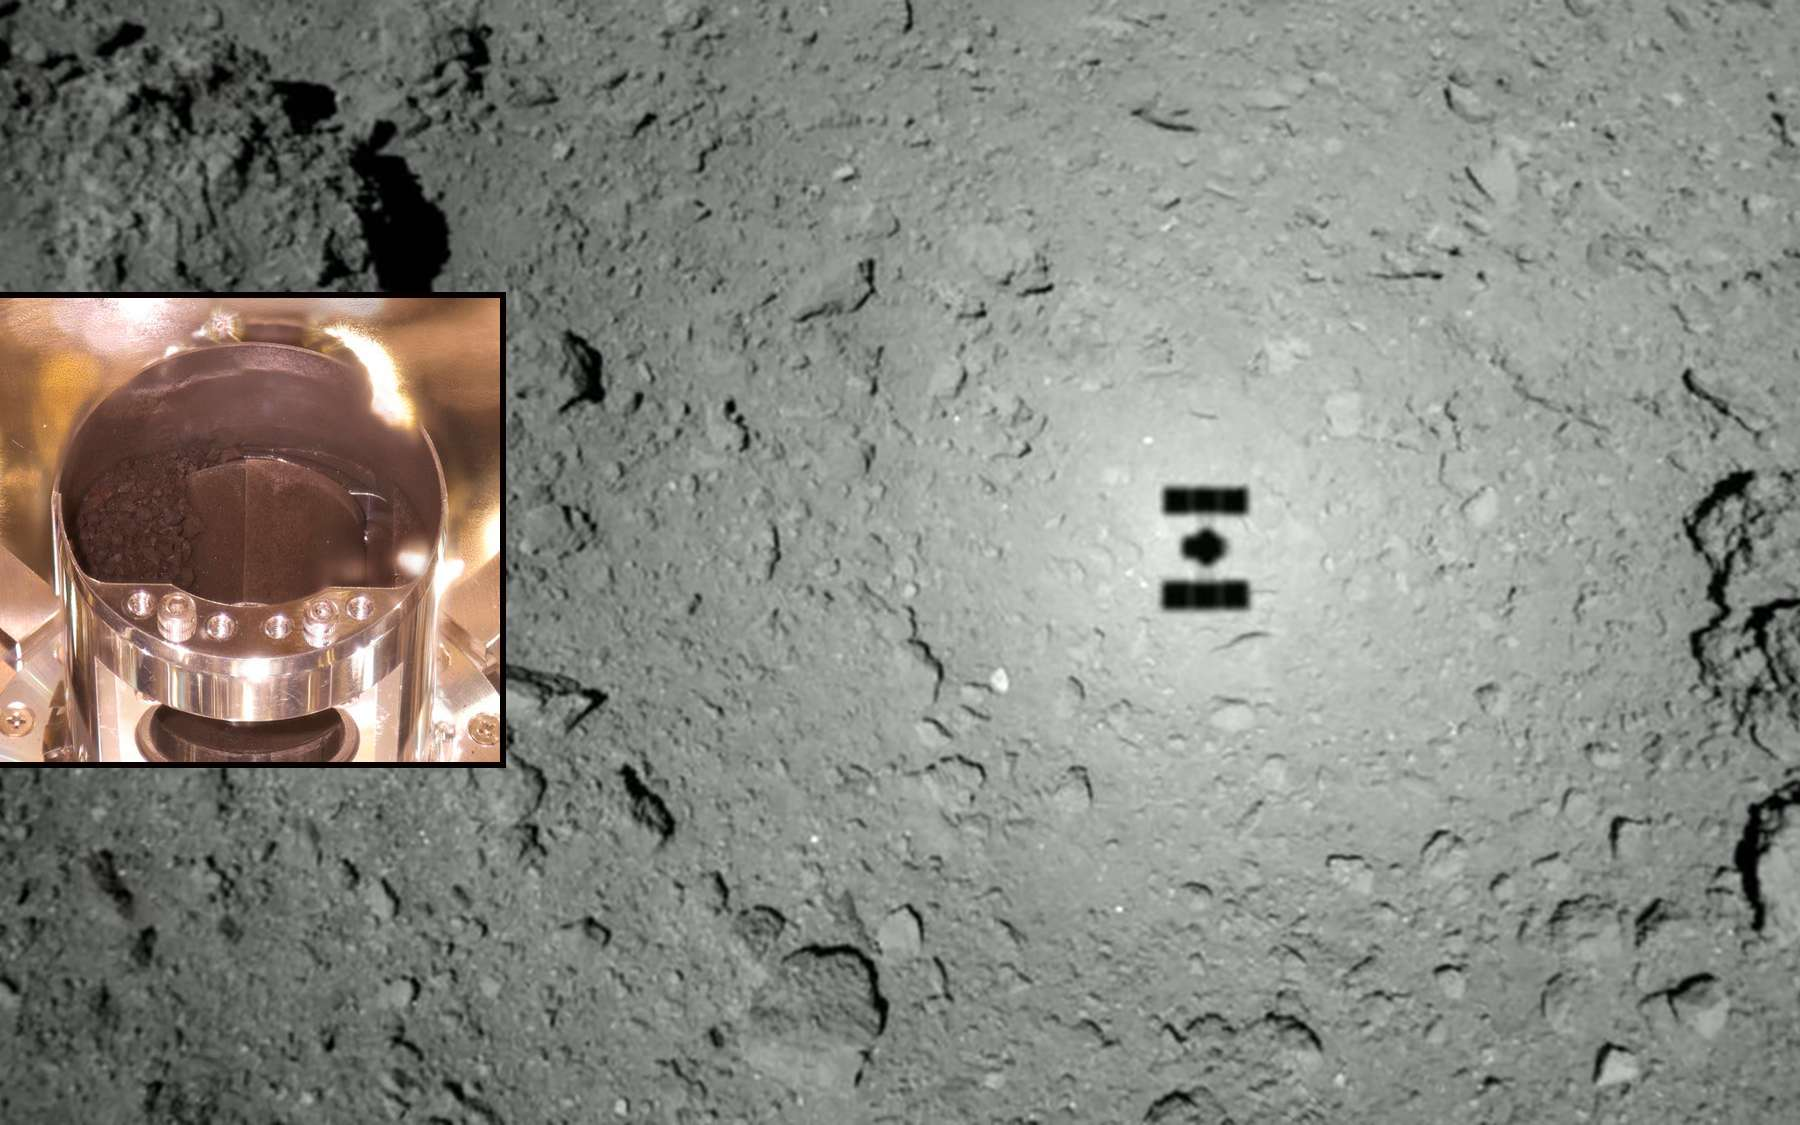 Les échantillons de Ryugu rapportés sur Terre par la sonde japonaise Hayabusa-2. © Jaxa